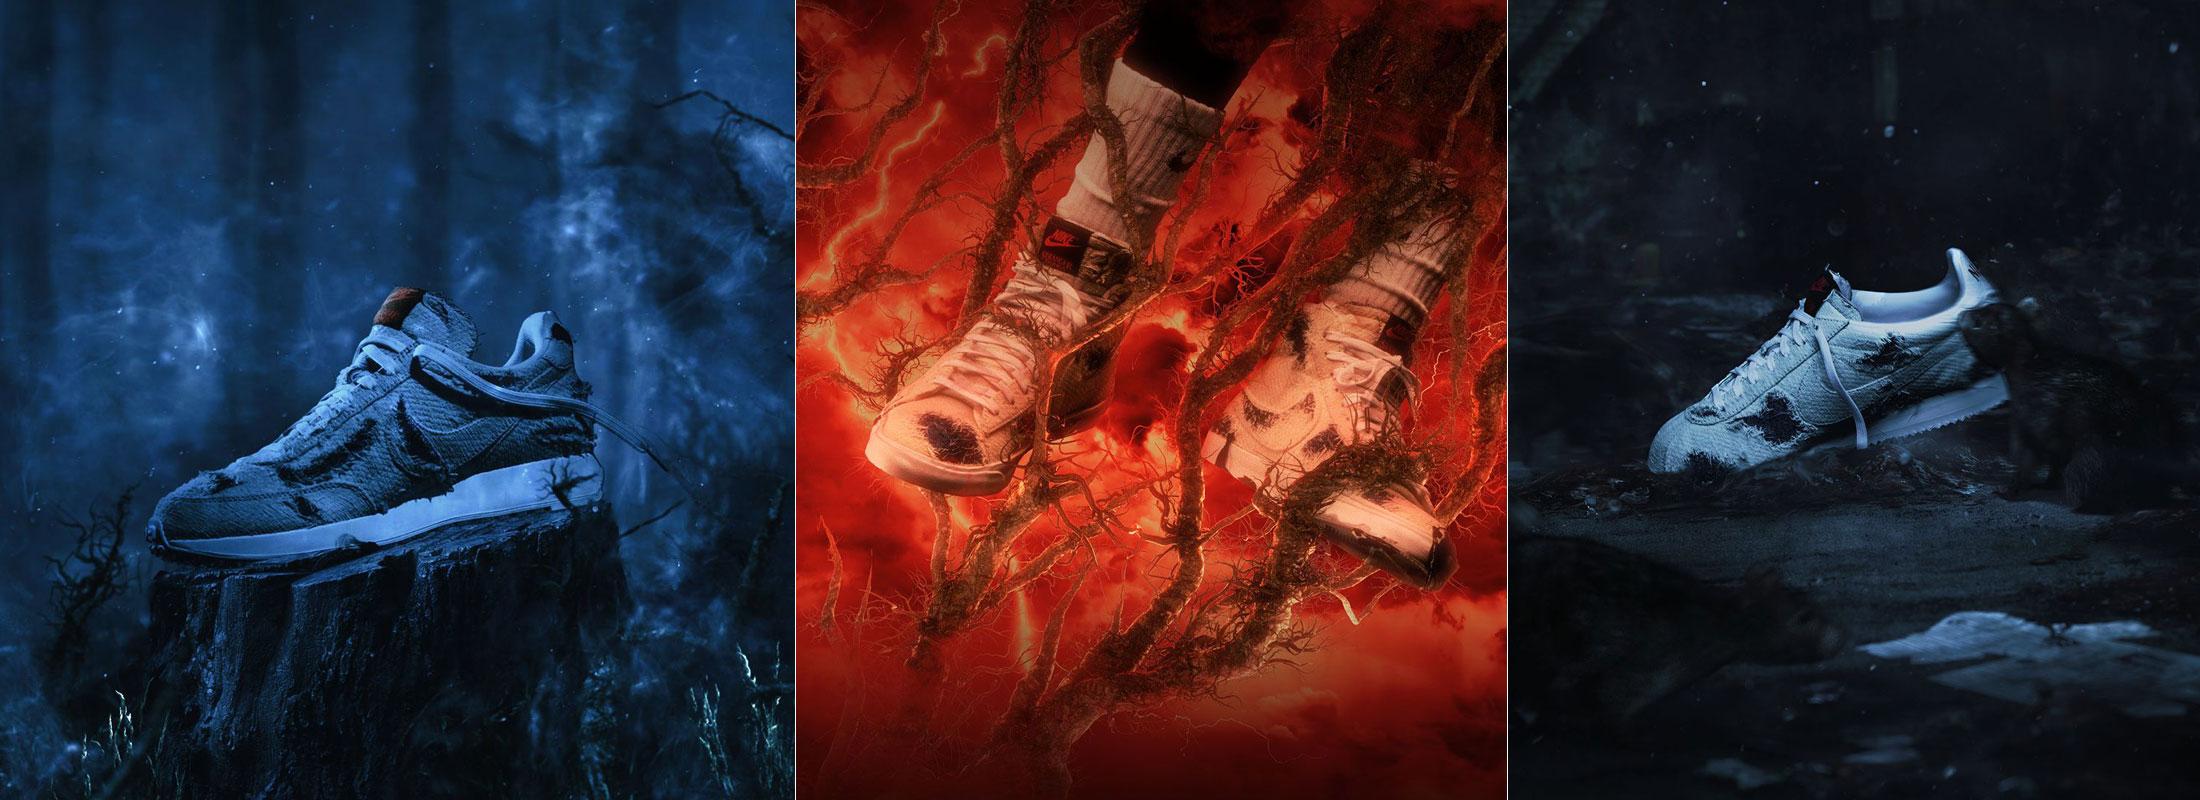 stranger-things-nike-upside-down-sneakers